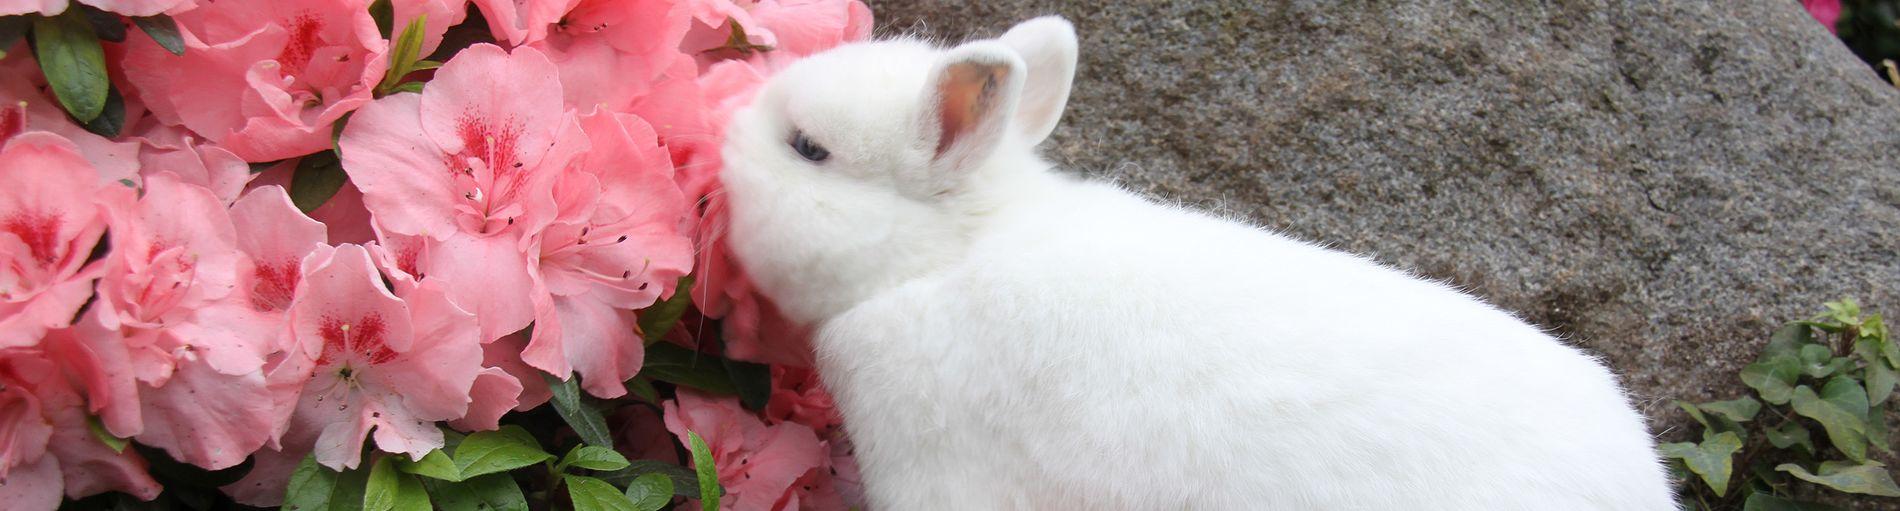 Kaninchen und Azaleen in der botanika Bremen.